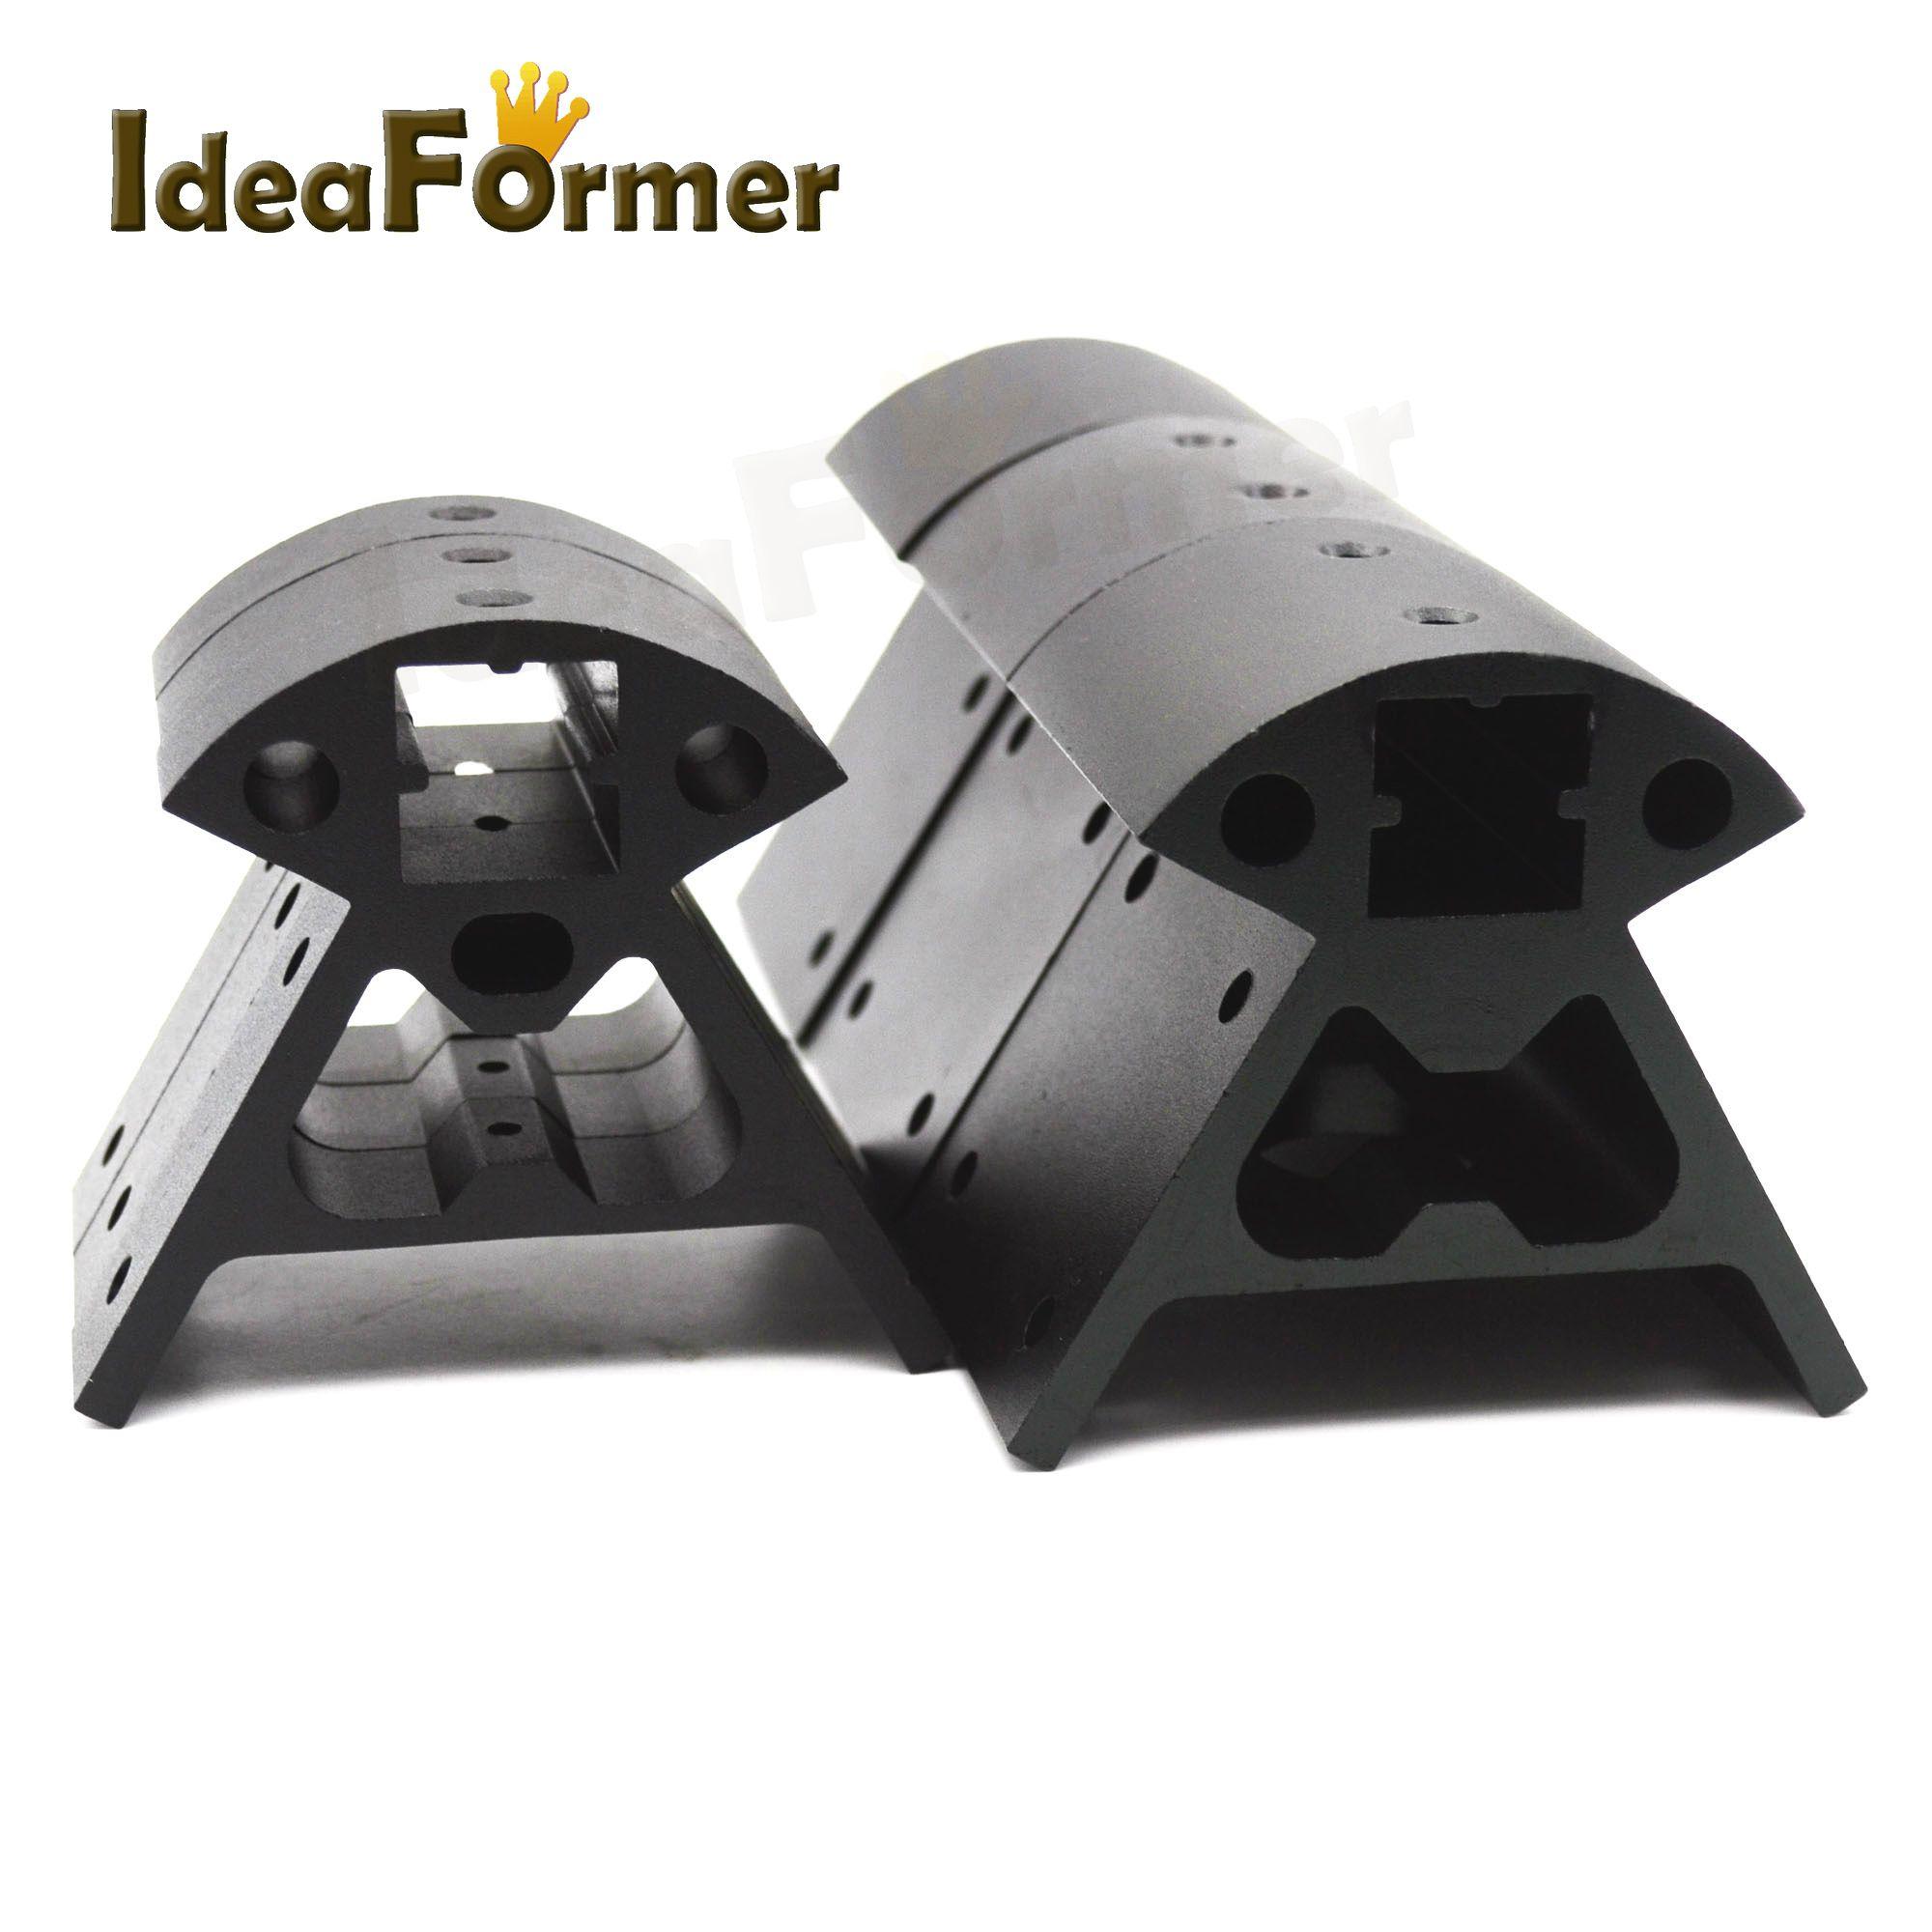 1set 6pcs Kossel Delta Aluminum Block 2020 Aluminum Alloy Corners profile Black/ Silver/ Golden 3D printer parts